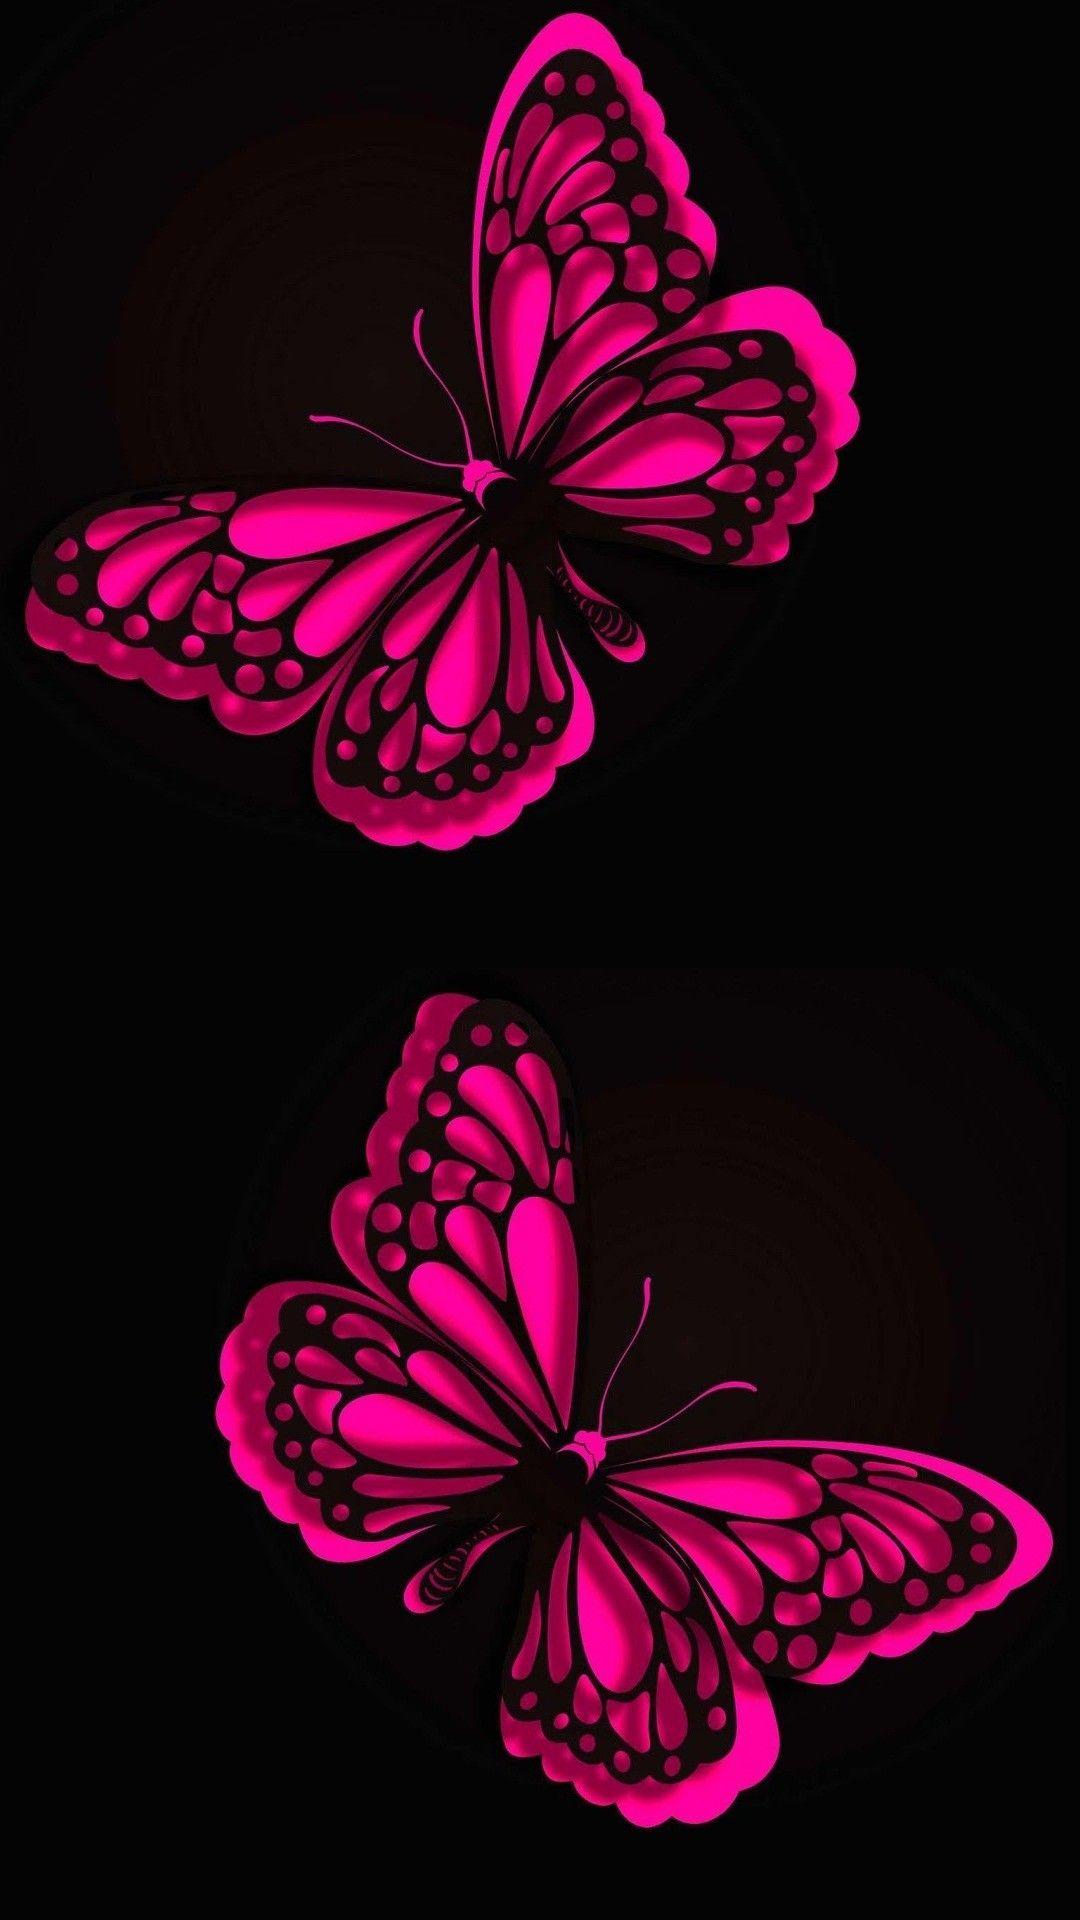 Free Butterflies Wallpaper Backgrounds